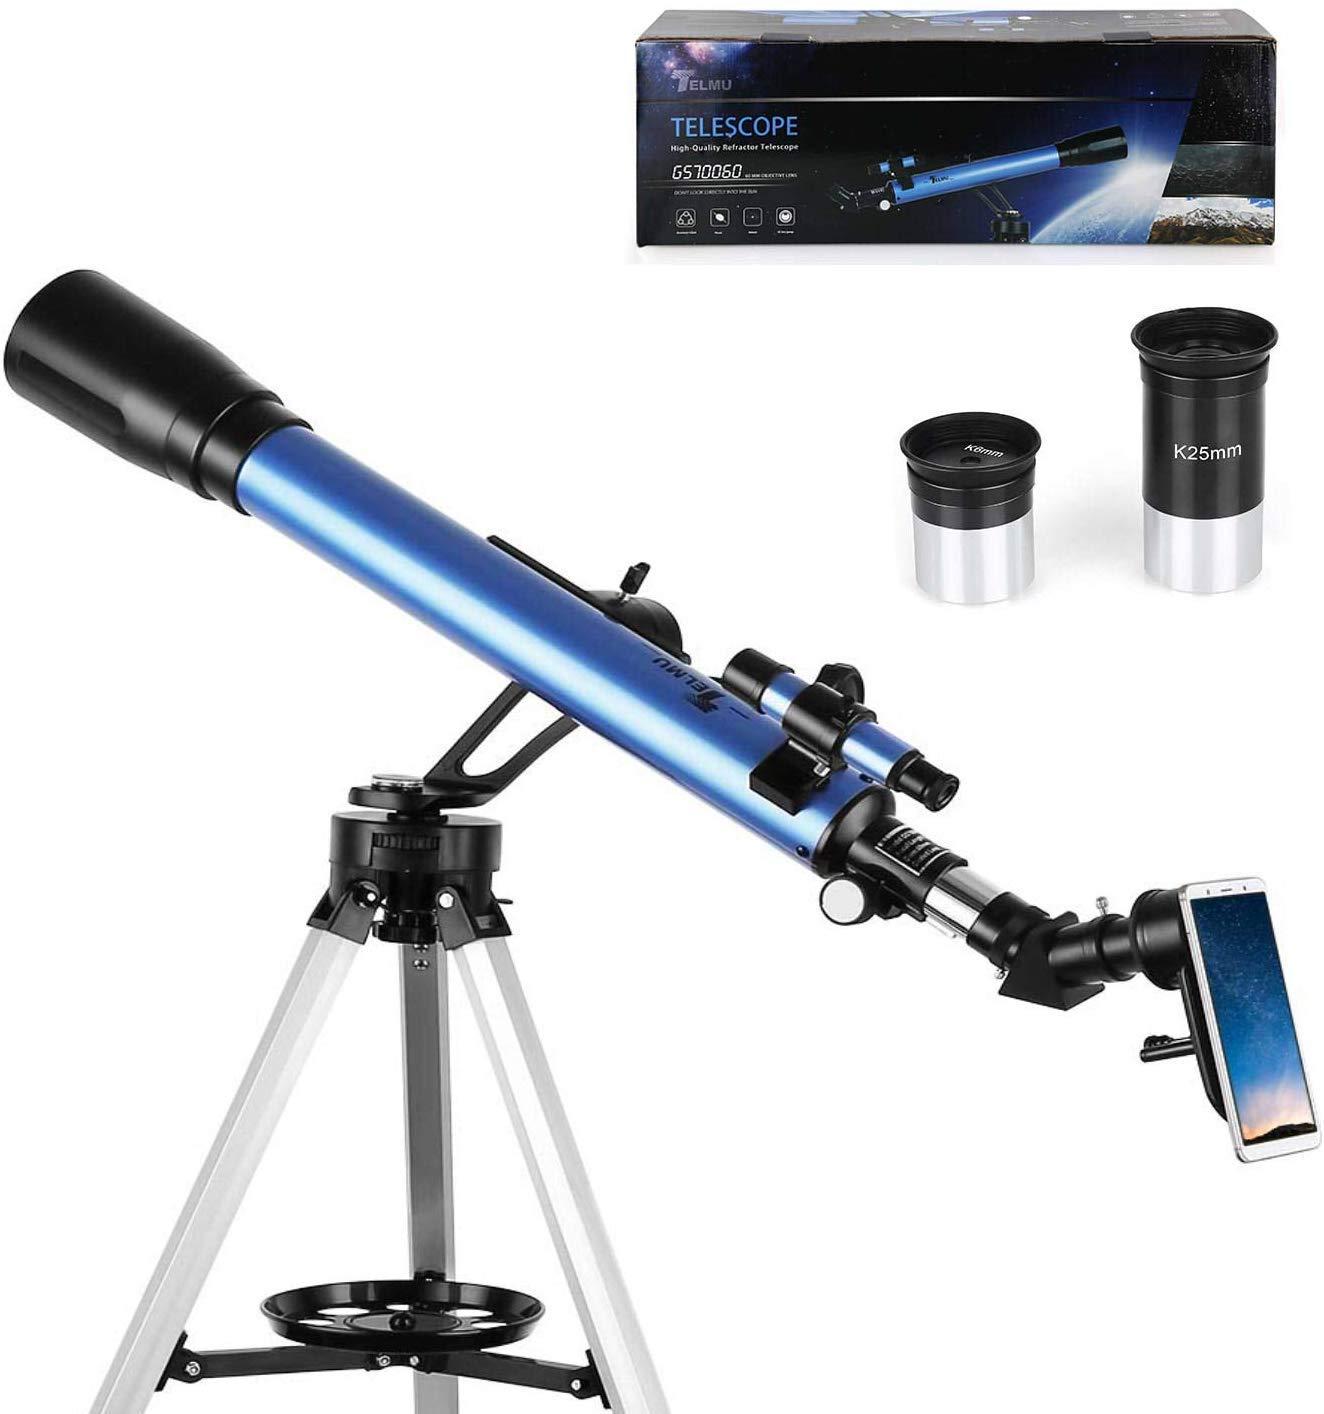 TELMU Teleskop – GS70060-60 / 700mm Astronomisches Teleskop 5×24 Suchfernrohr, Okular – K6mm, K25mm Refraktor Teleskop